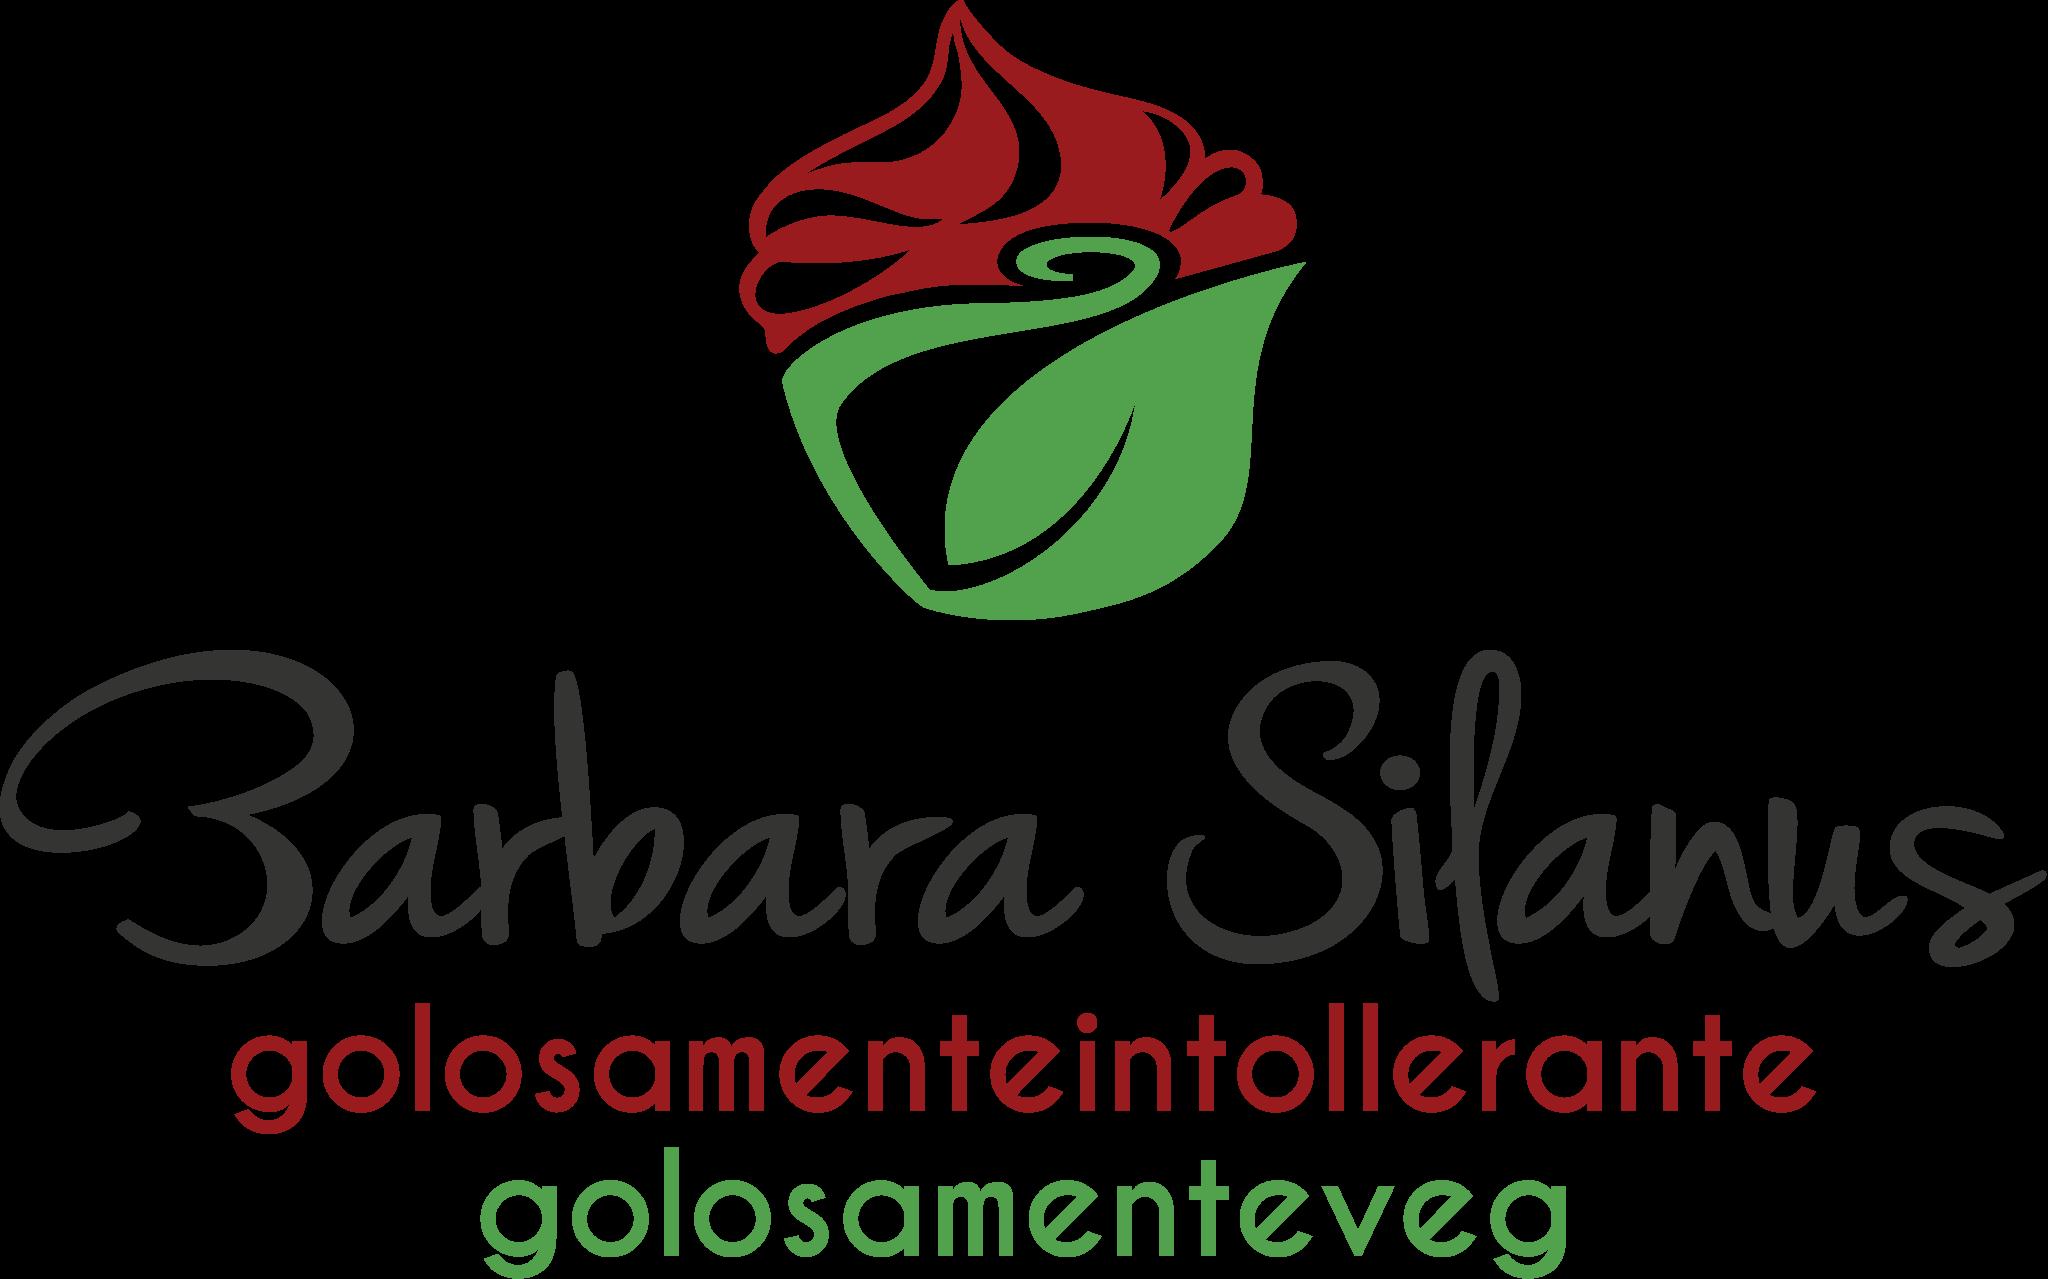 Barbara Silanus - Golosamente Intollerante - GolosamenteVeg